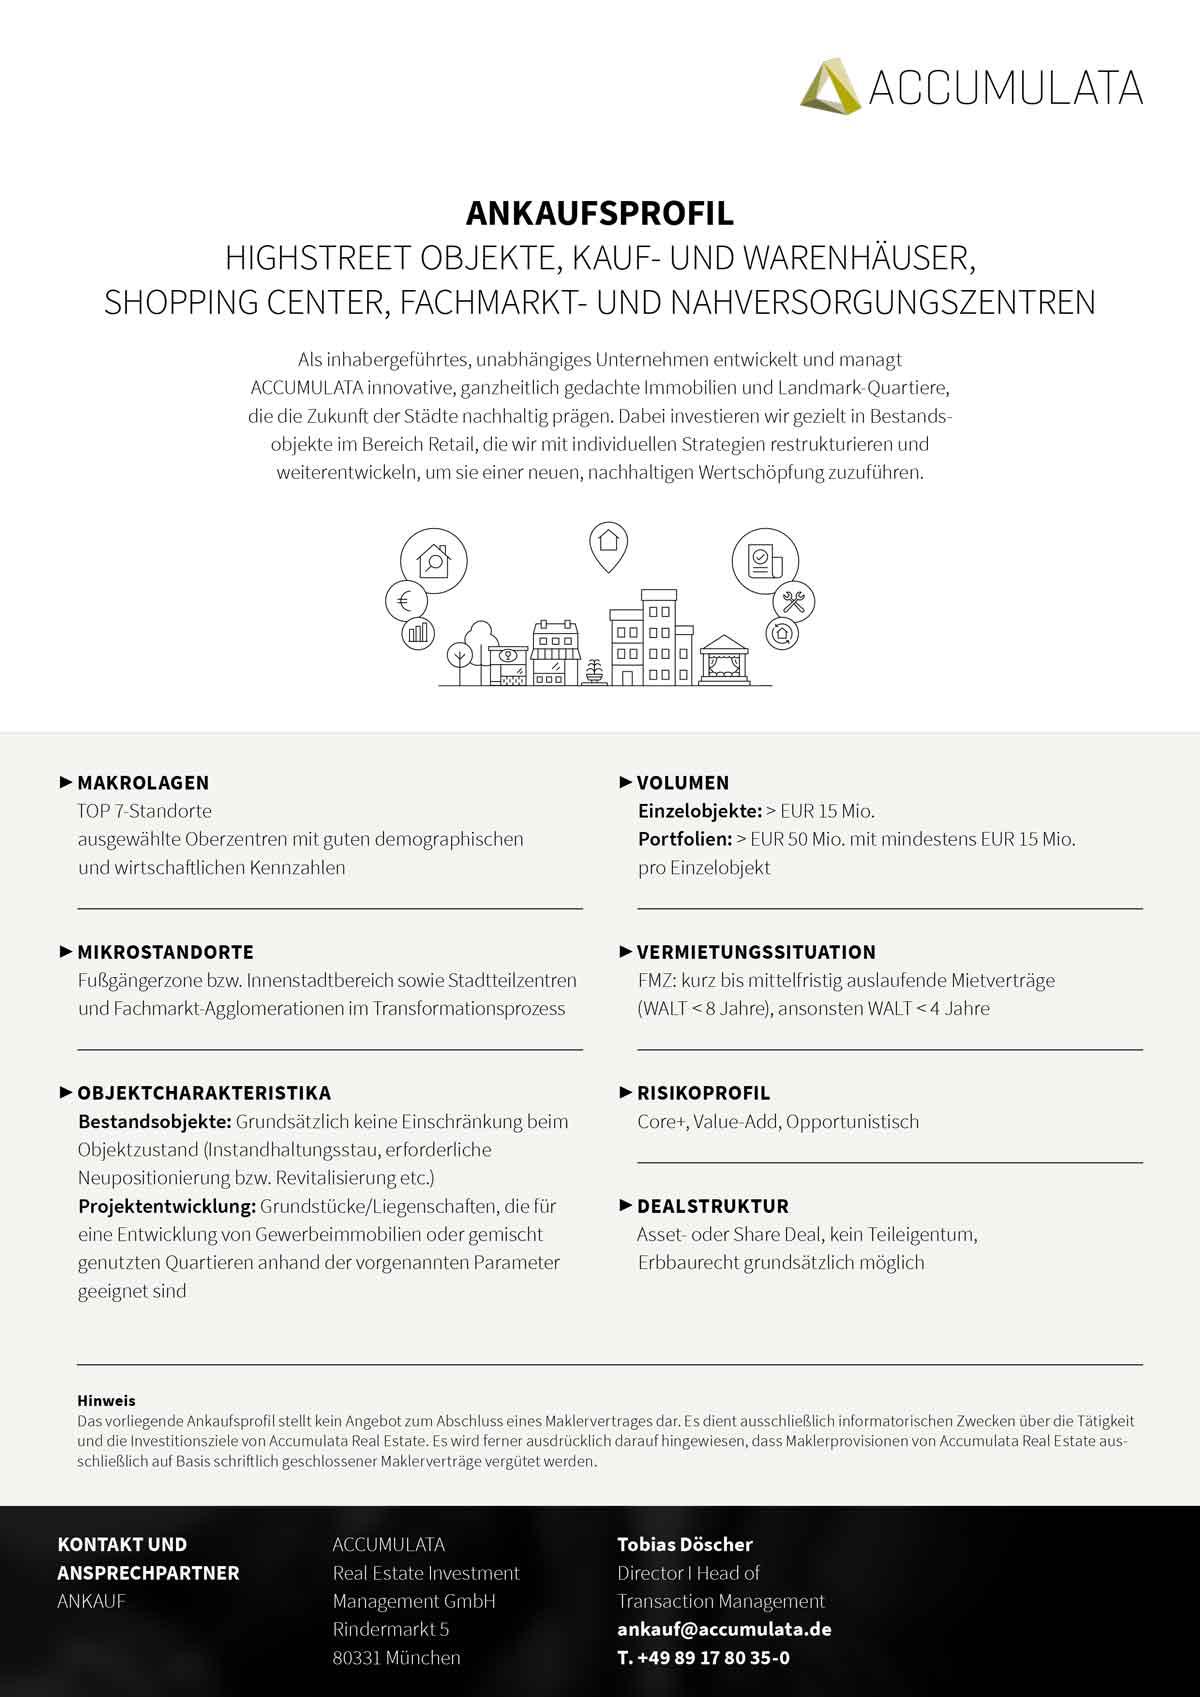 ACCUMULATA Download-pdf für Webseite mit allen Infos zum Ankaufsprofil von Immobilien